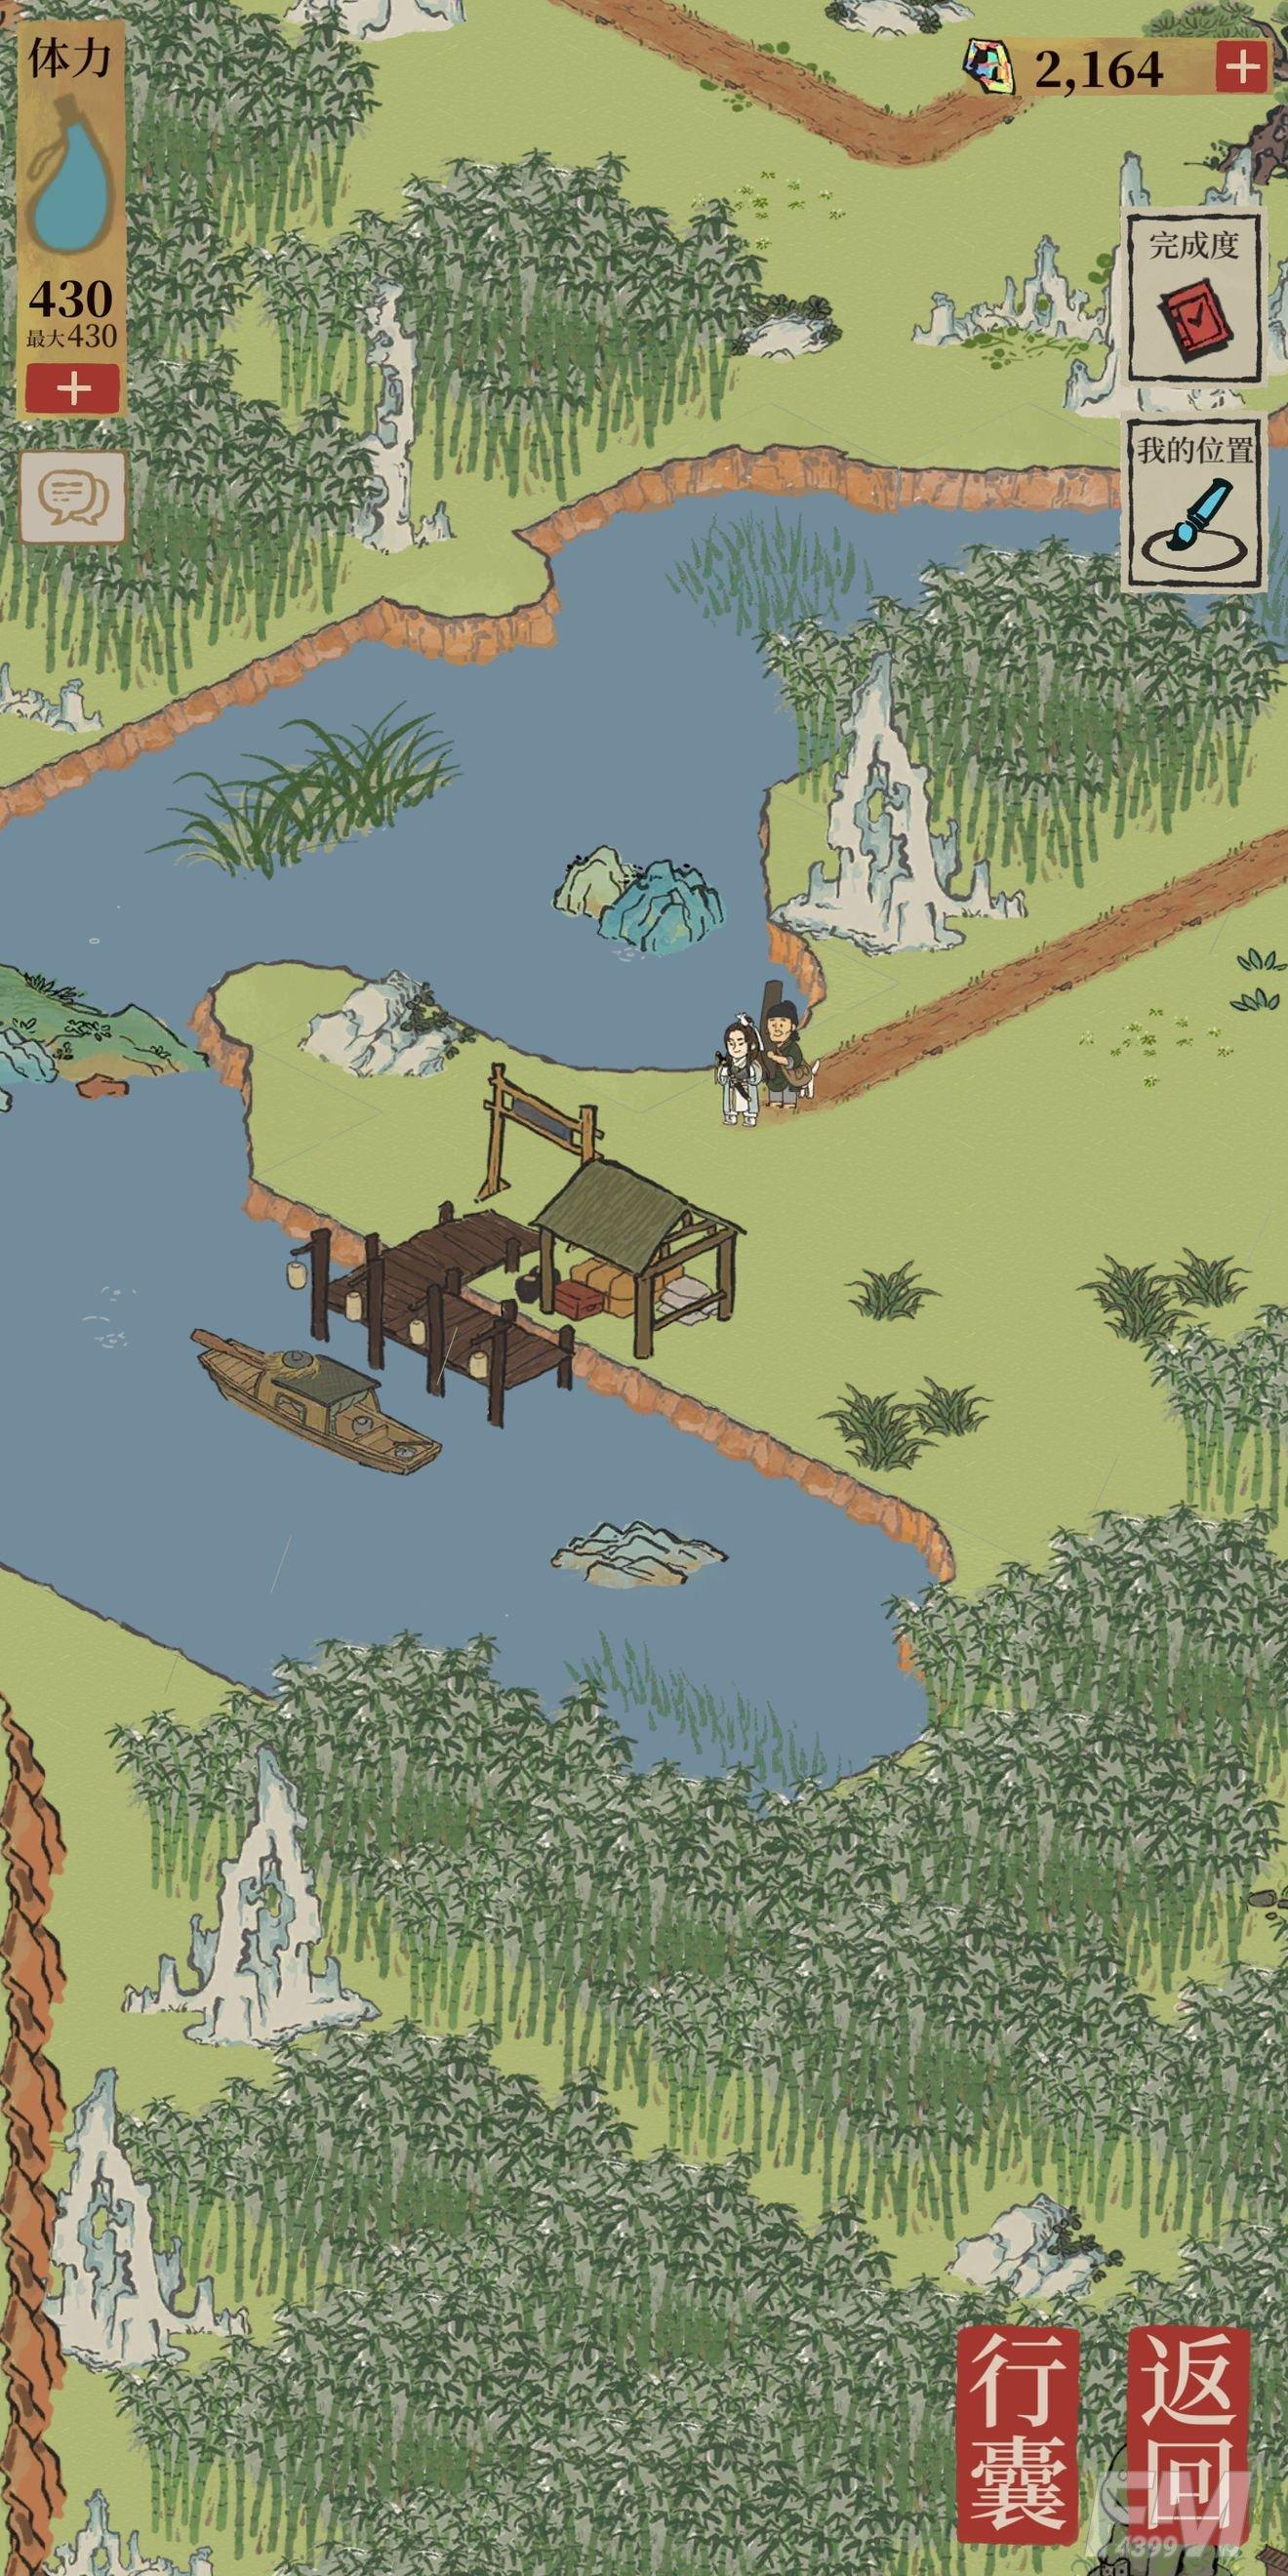 江南百景图竹林迷宫通关攻略:限时探险竹林迷宫路线走法一览[多图]图片8